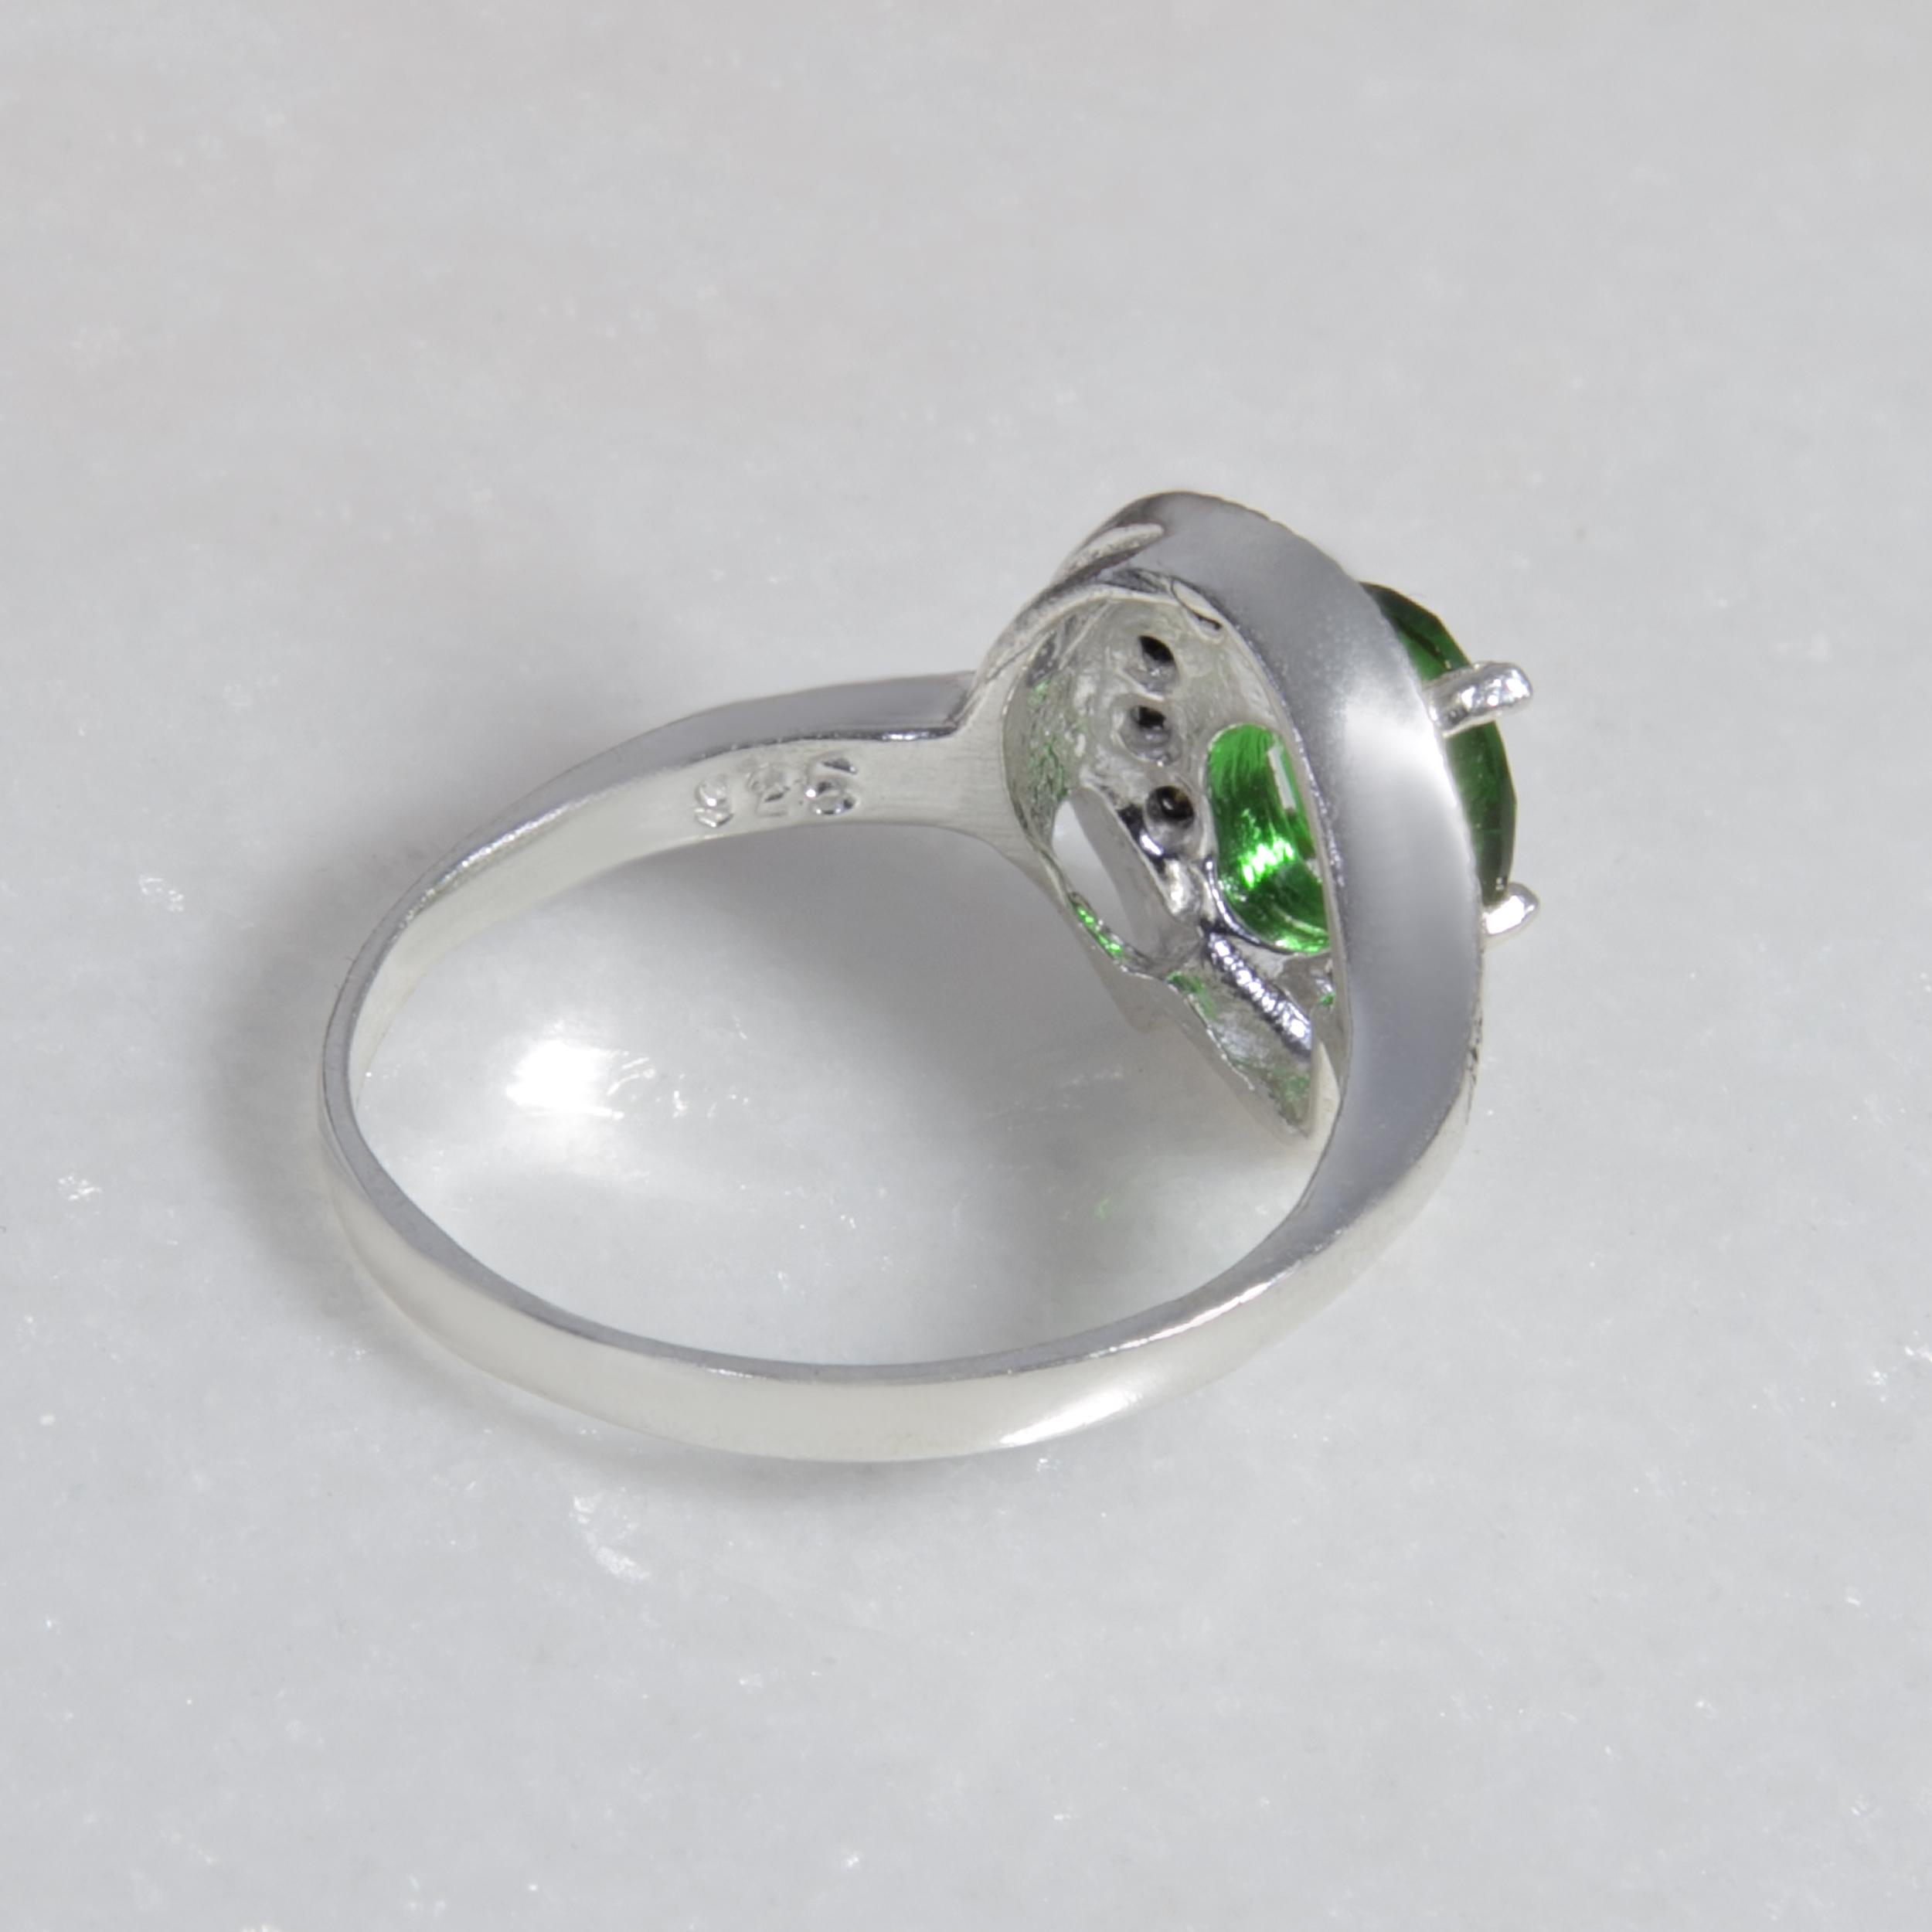 انگشتر نقره زنانه بازرگاني ميلادي  کد AW_090 -  - 5